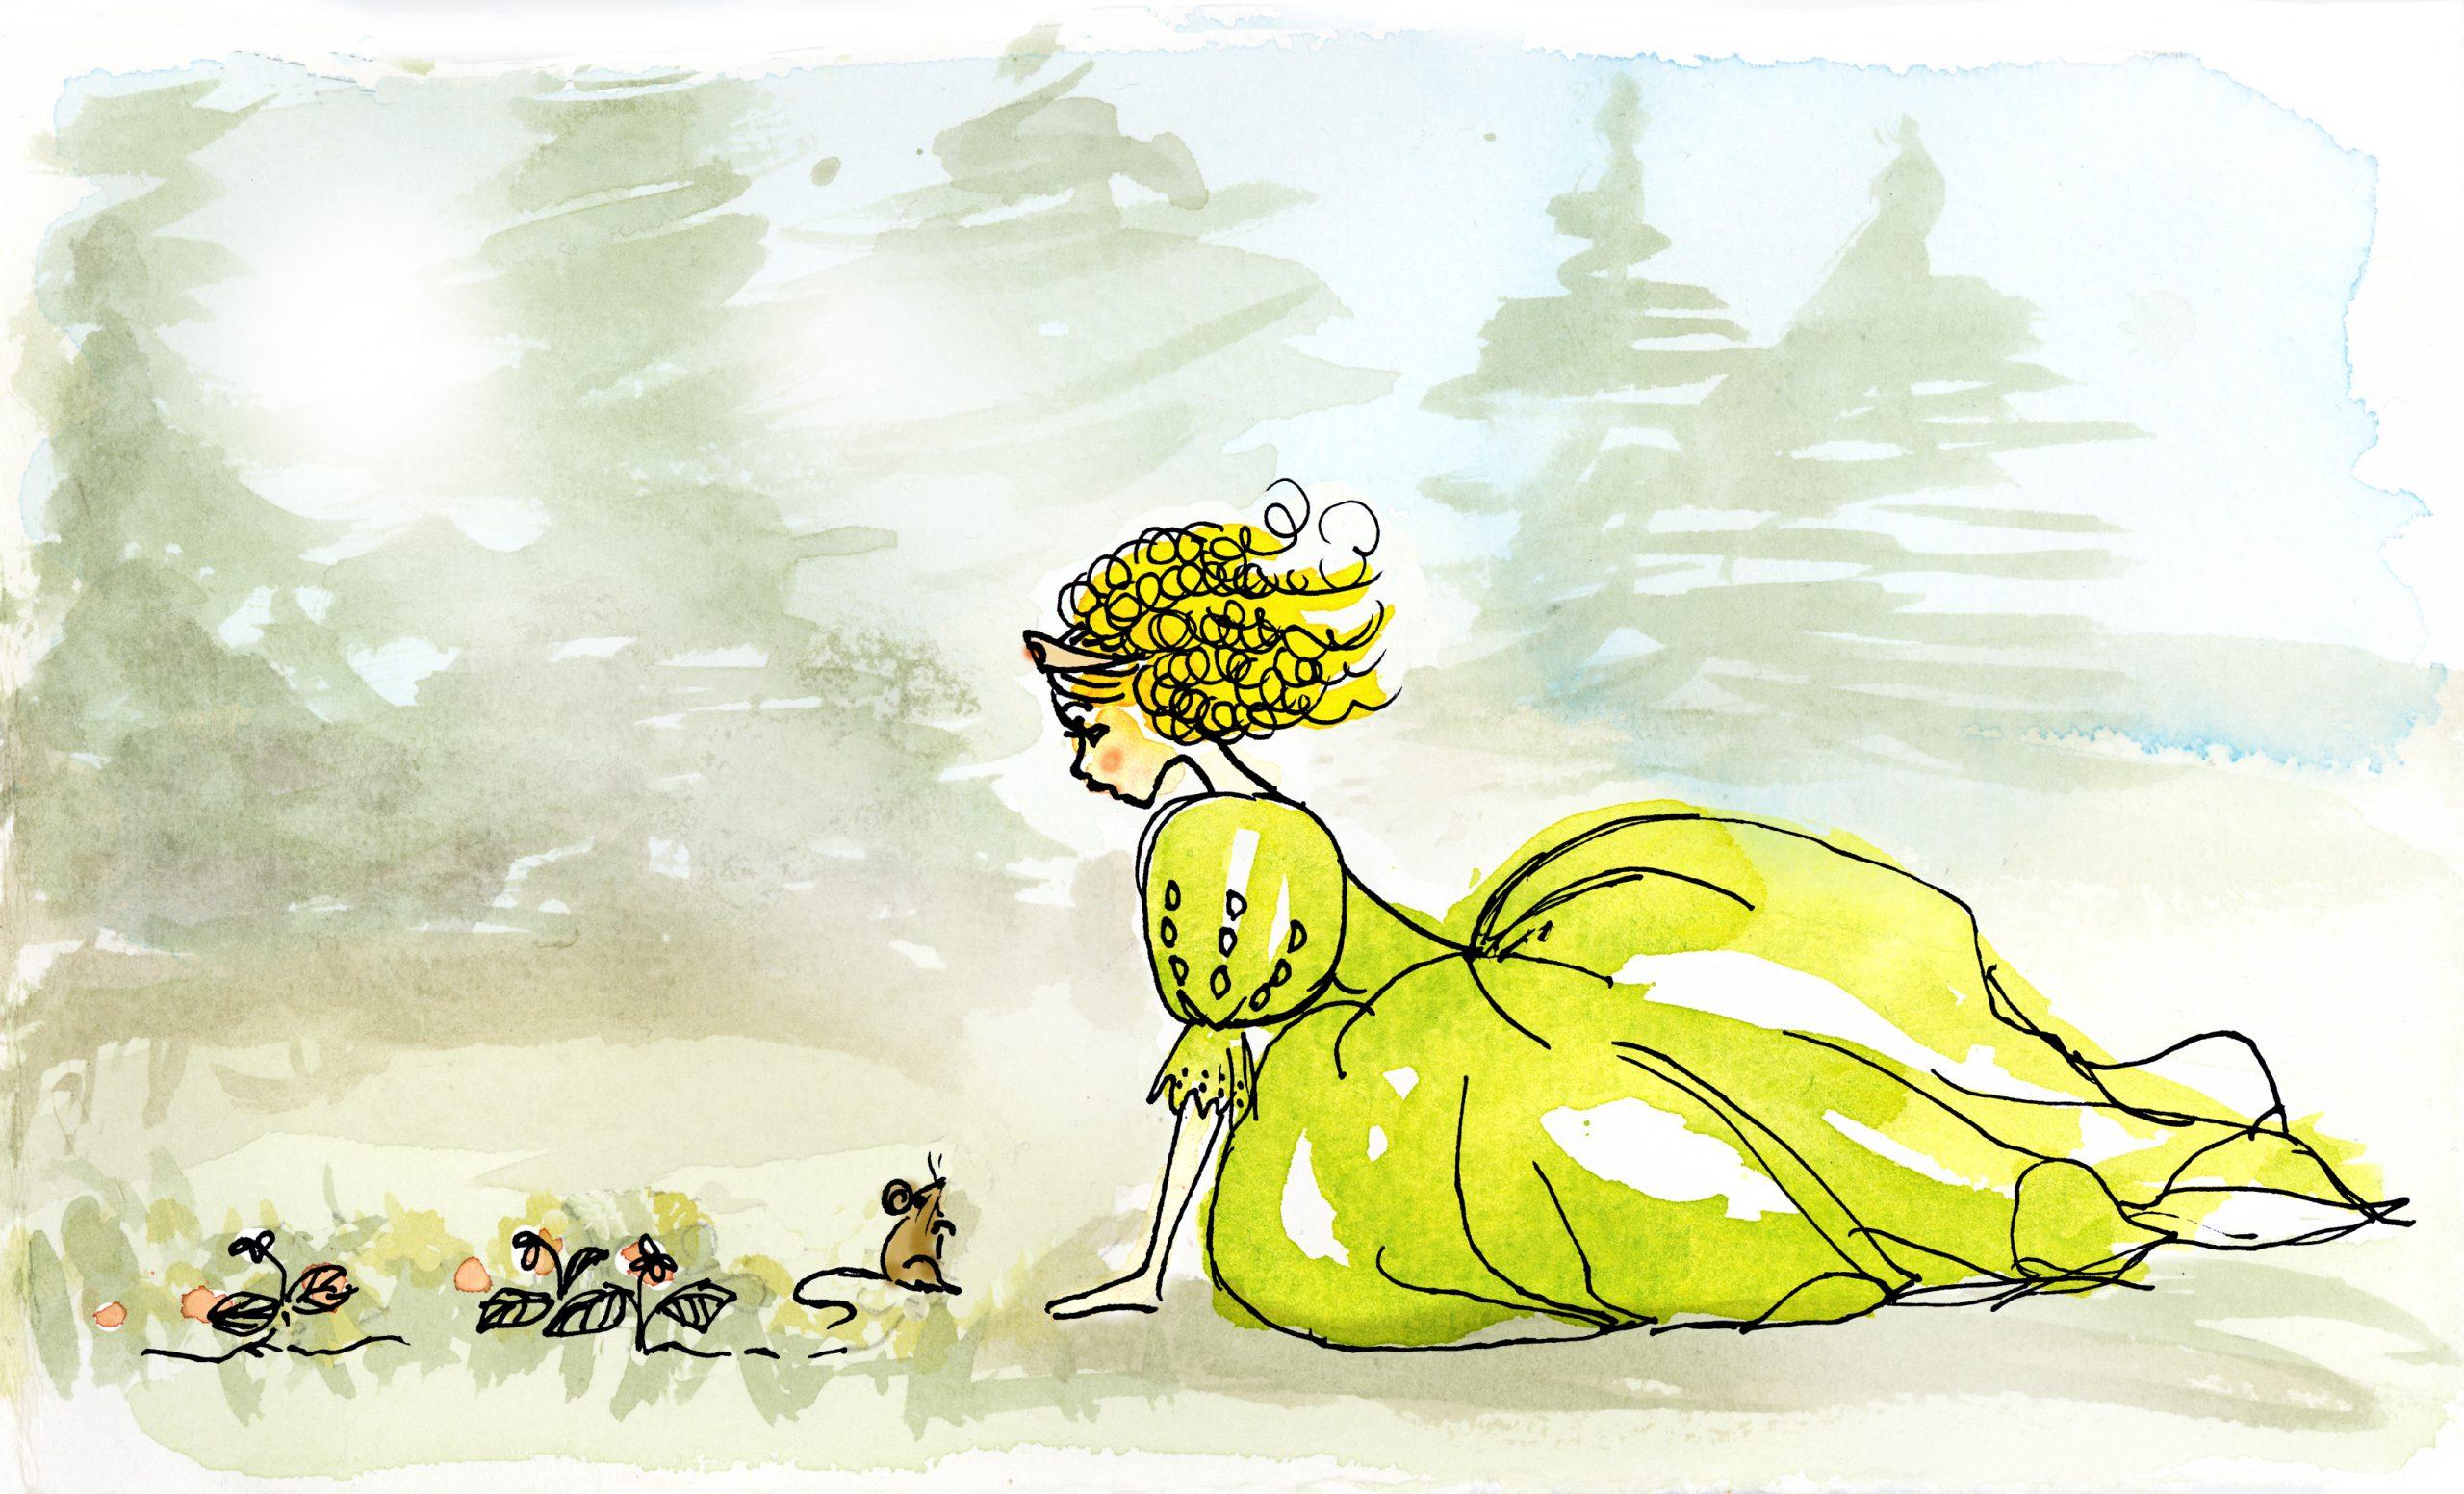 Lia i skogen i grön klänning samtidigt som hon hukar sig ner för att prata med mössen